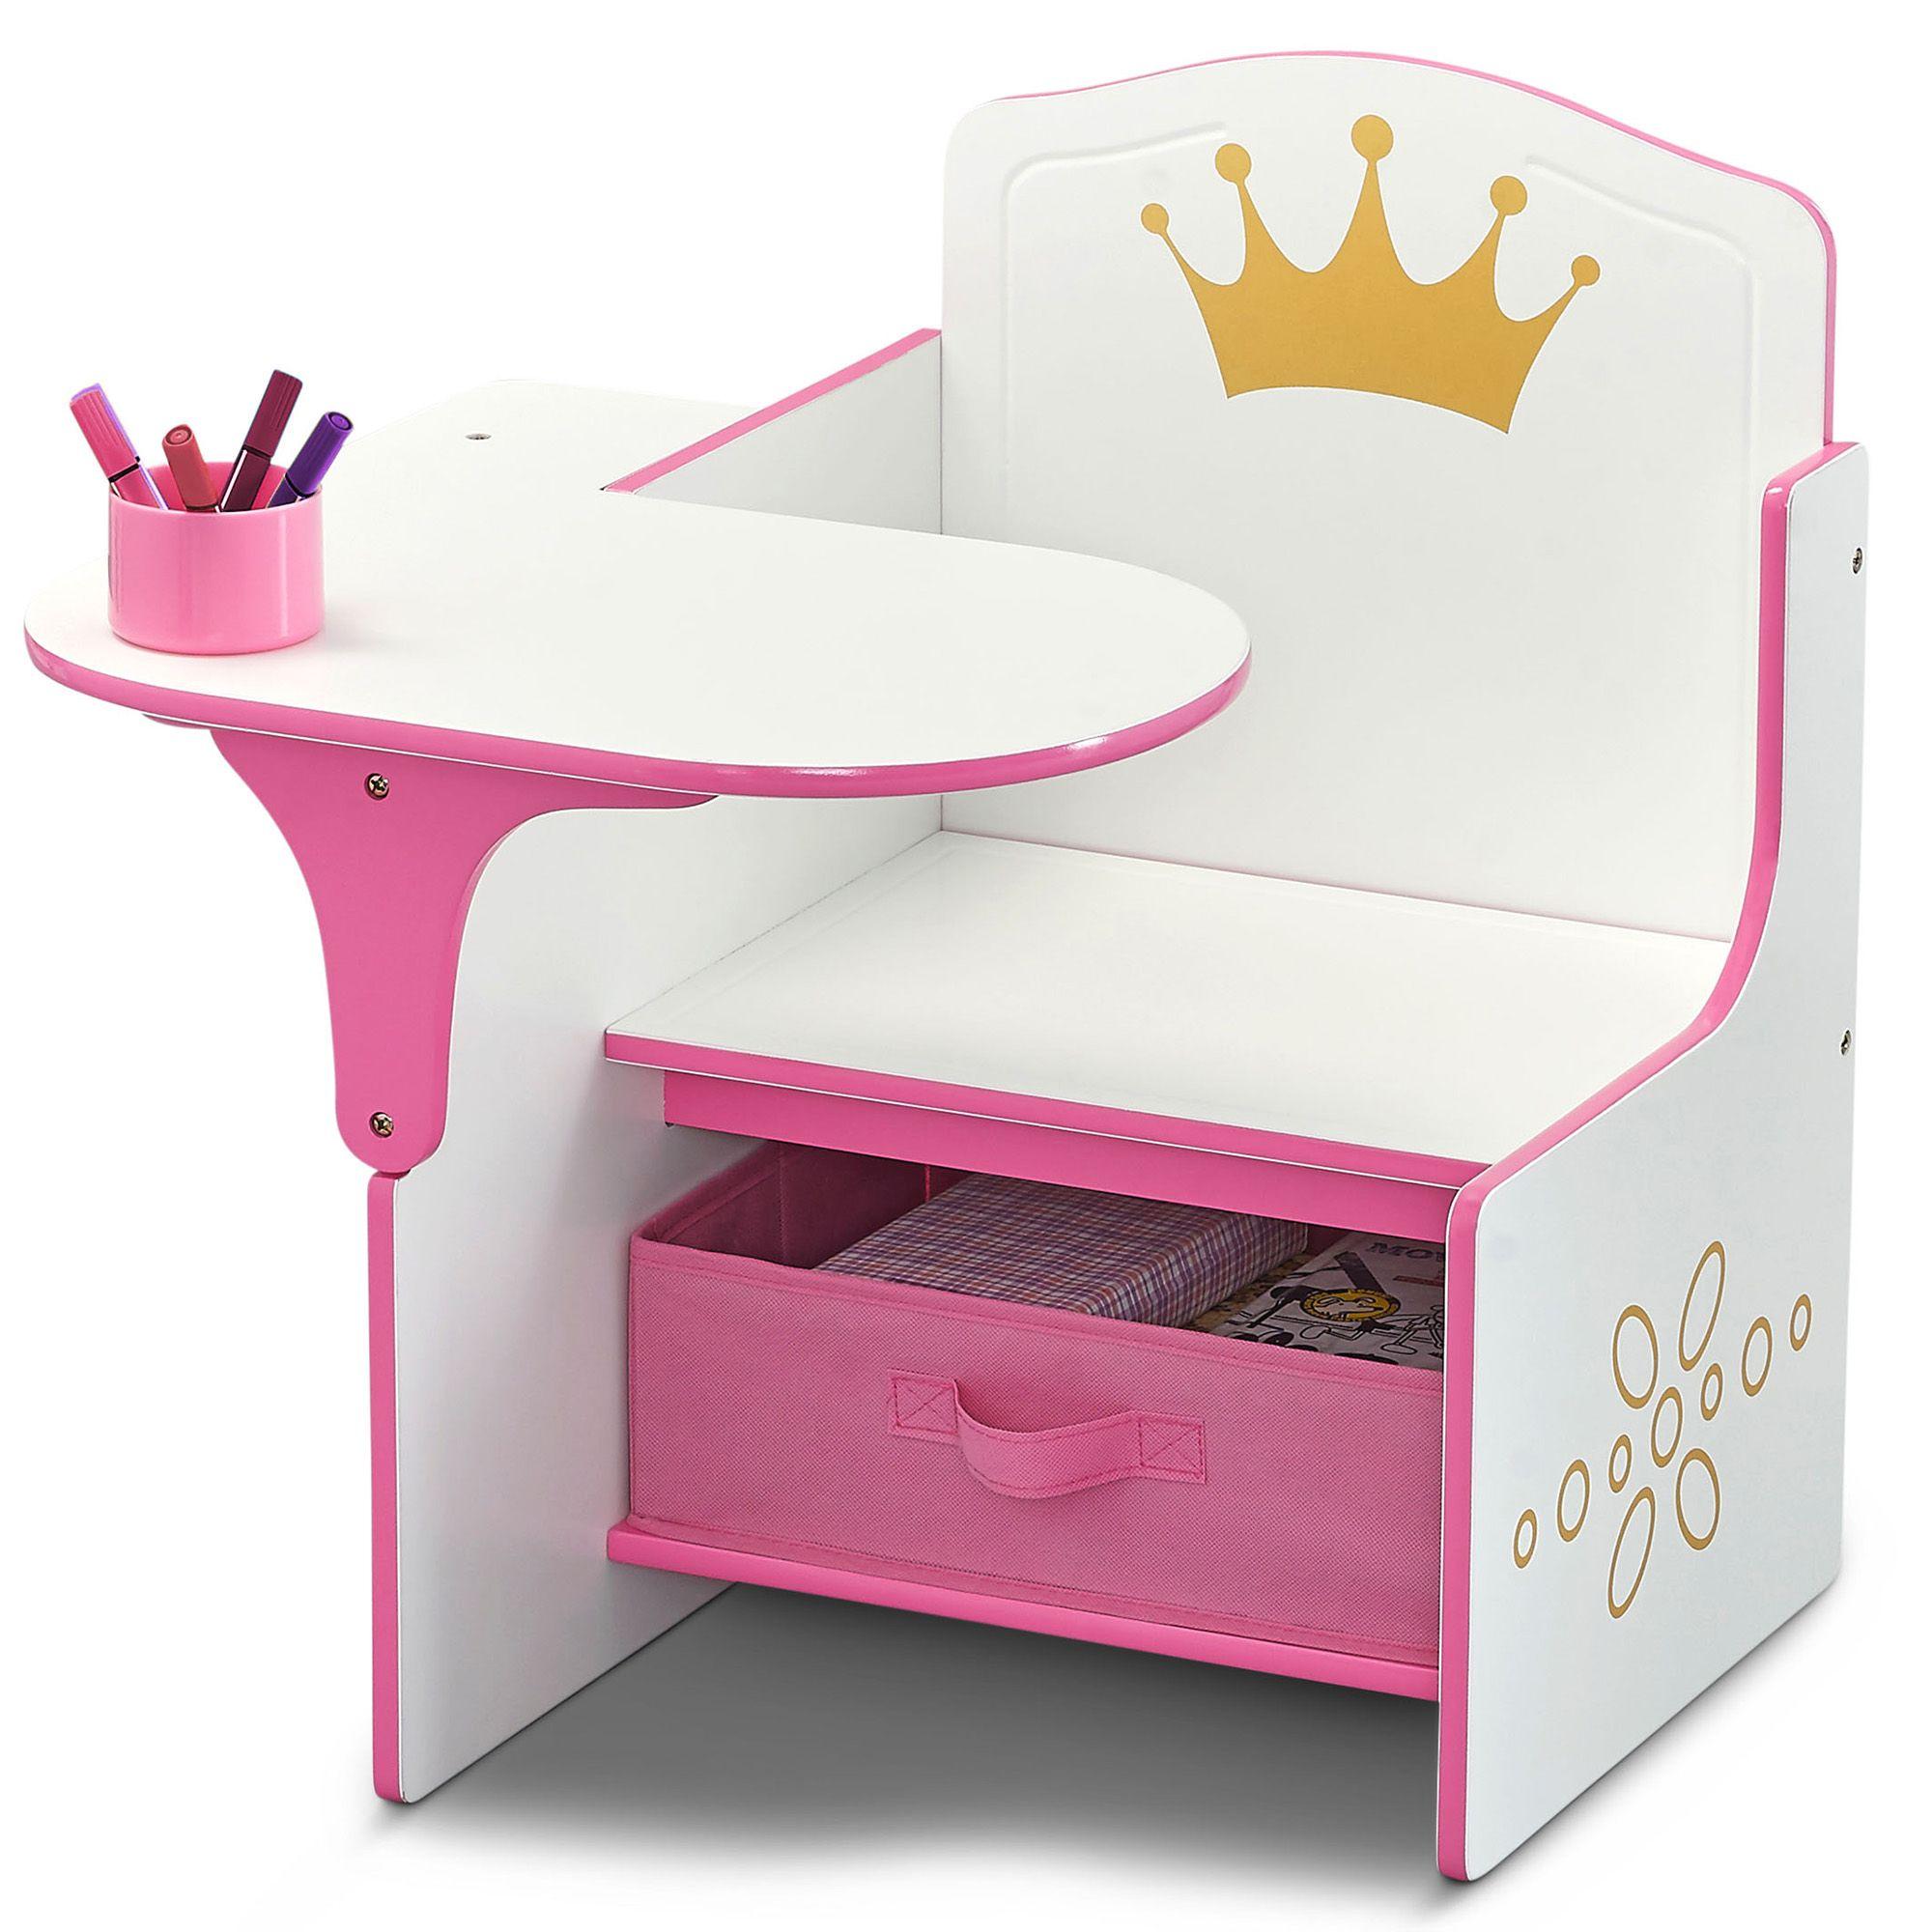 Delta Children Princess Crown Chair Desk With Storage Bin Walmart Com In 2020 Delta Children Storage Bin Desk Storage